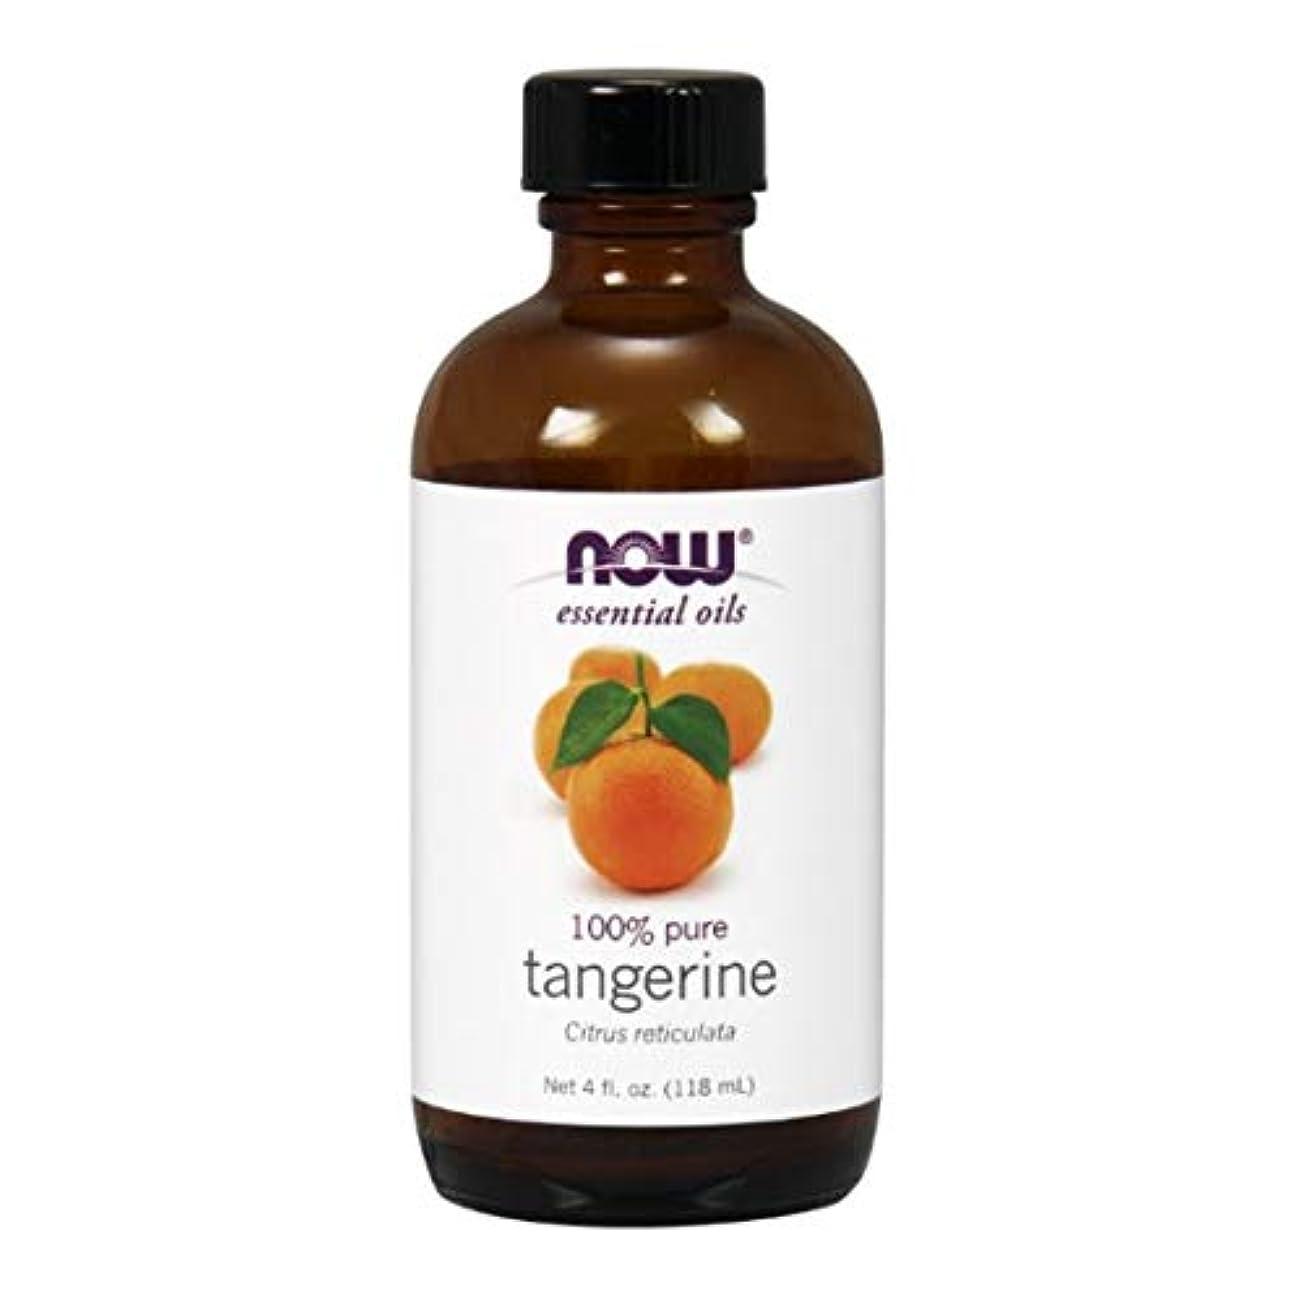 男性の前で促すNow - Tangerine Oil 100% Pure 4 oz (118 ml) [並行輸入品]